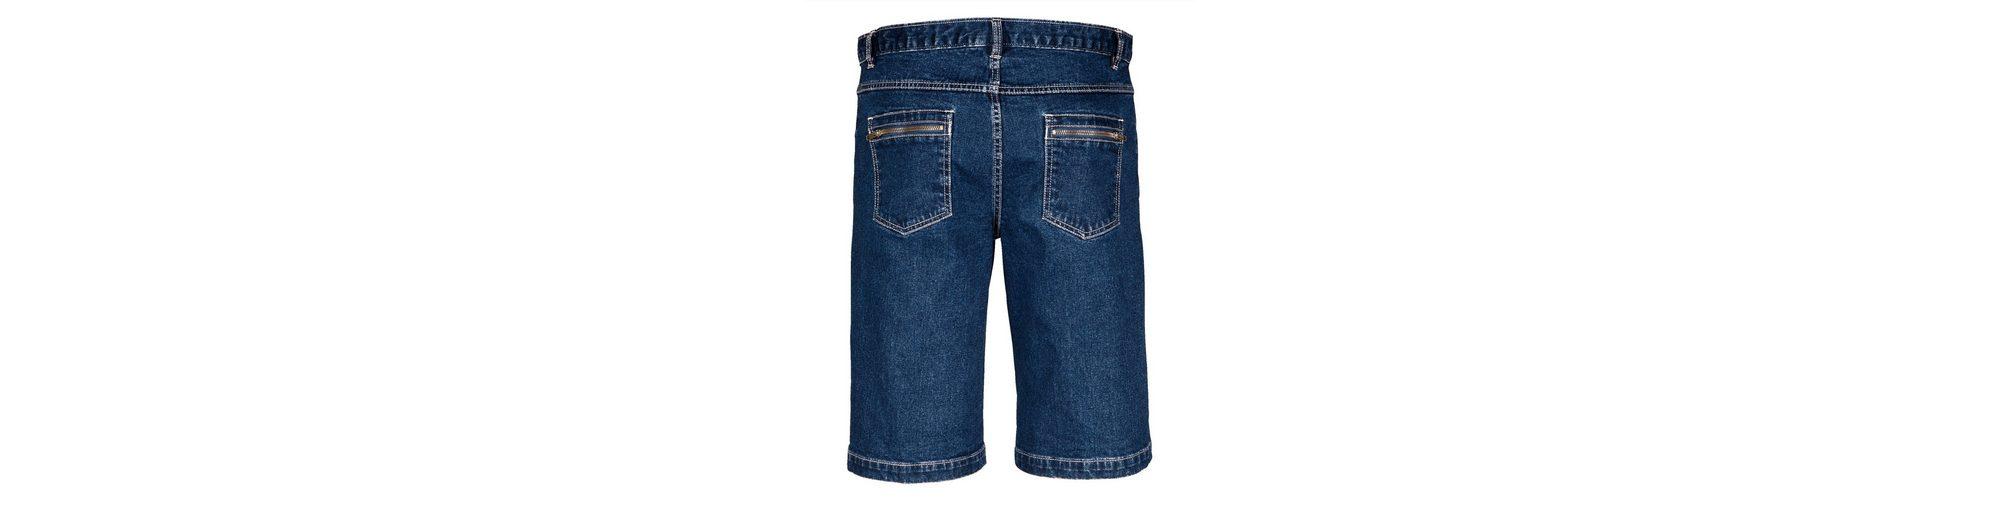 Babista Jeans-Bermuda mit verschließbaren Gesäßtaschen Rabatte Verkauf 2018 Unisex Große Überraschung Online vp3ZKRsjfA